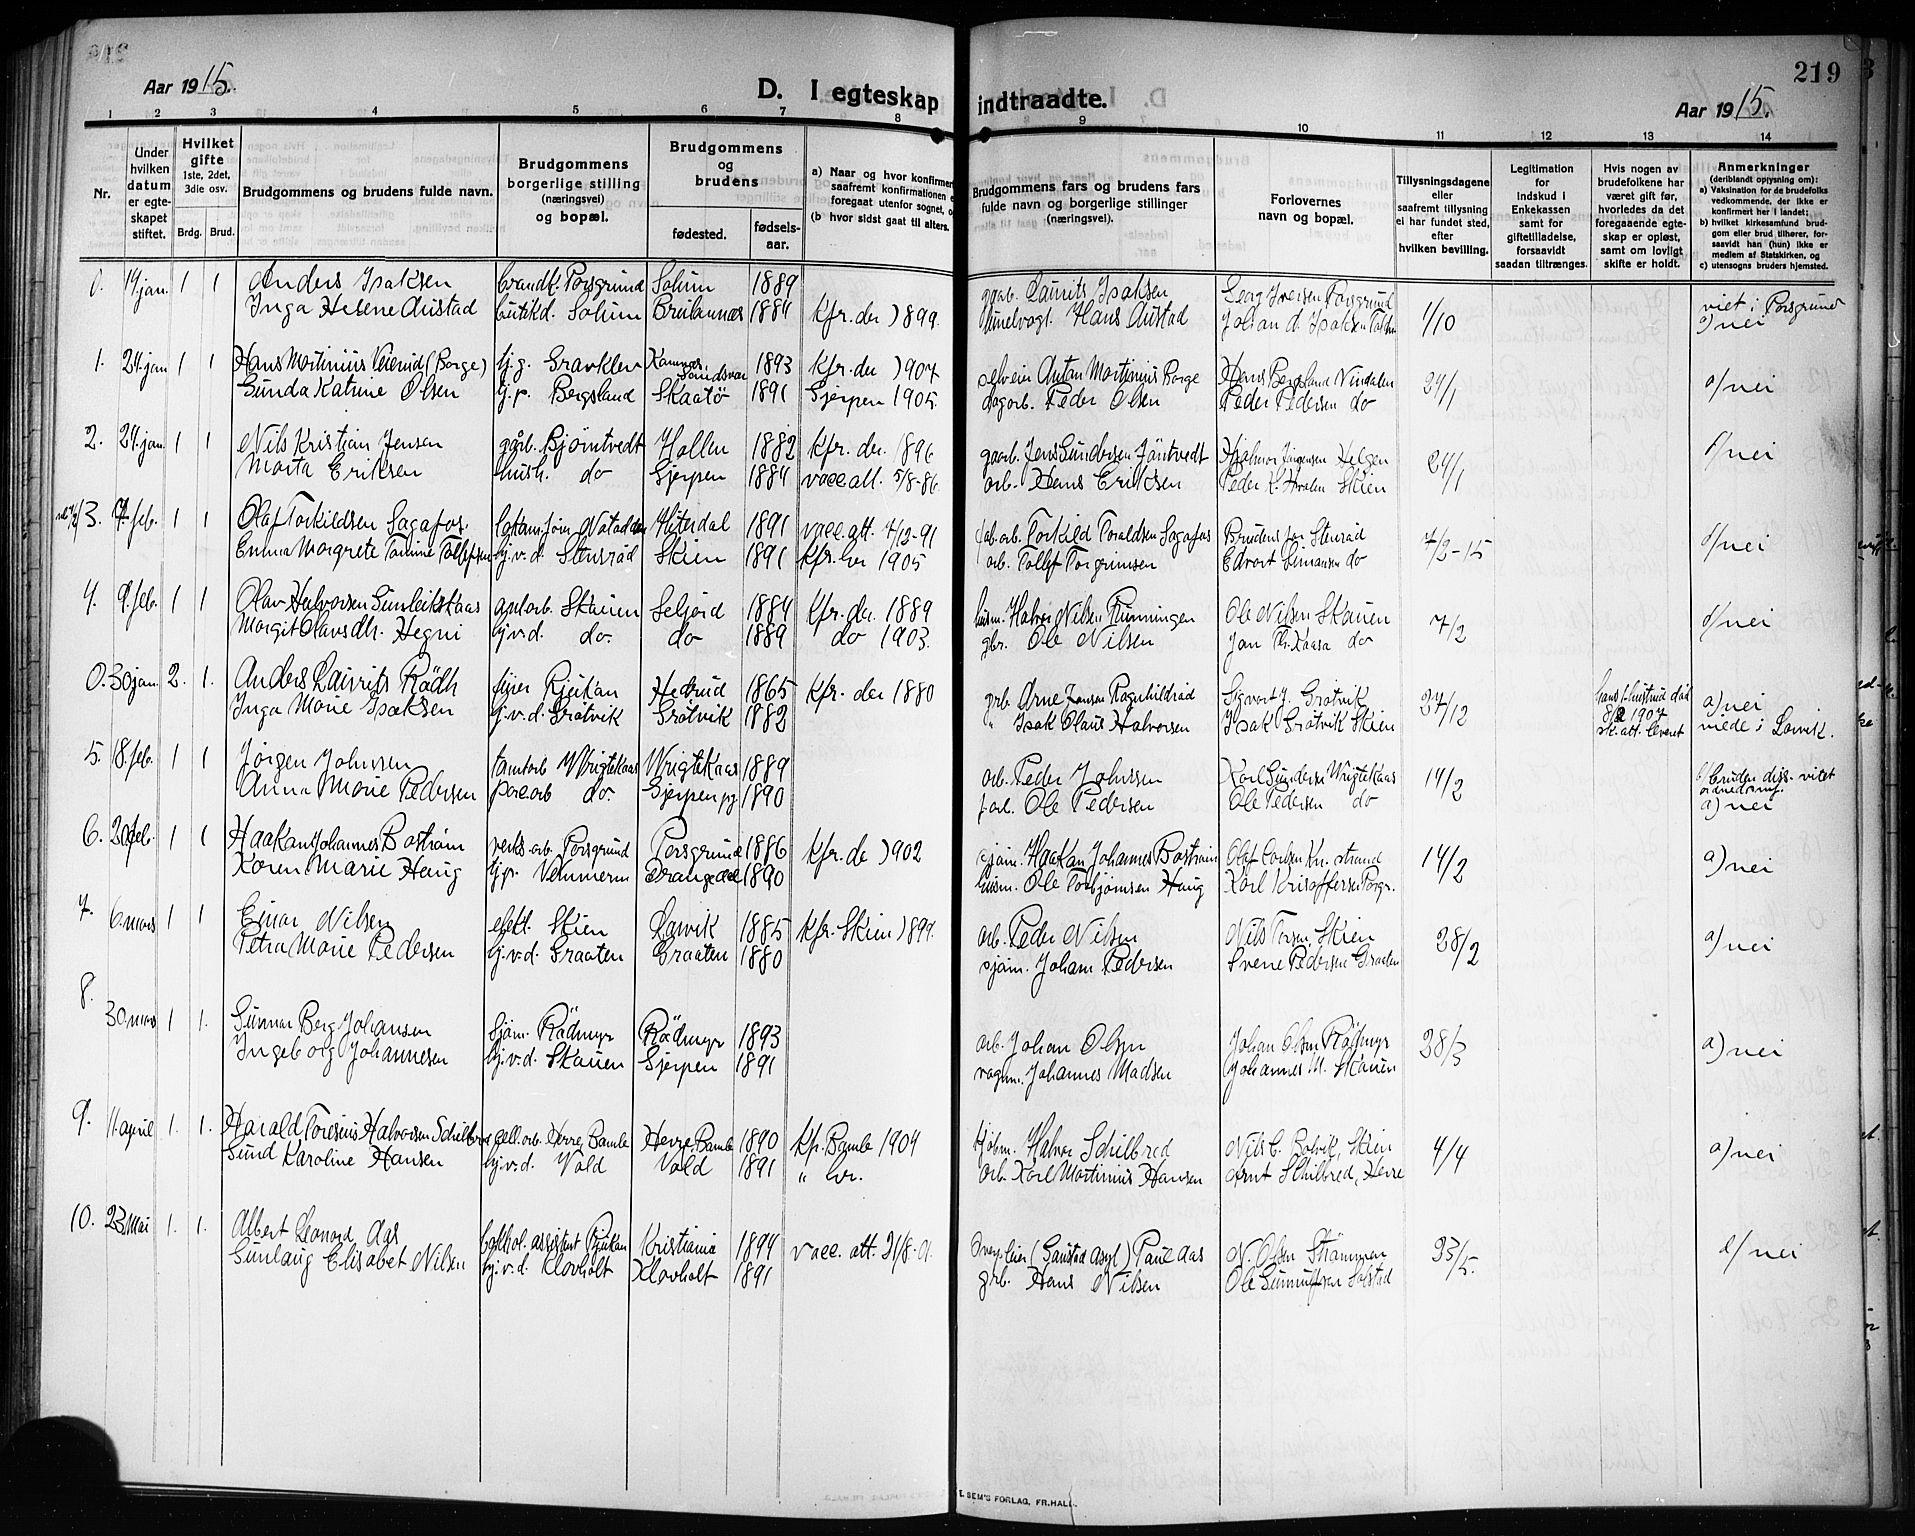 SAKO, Solum kirkebøker, G/Ga/L0009: Klokkerbok nr. I 9, 1909-1922, s. 219